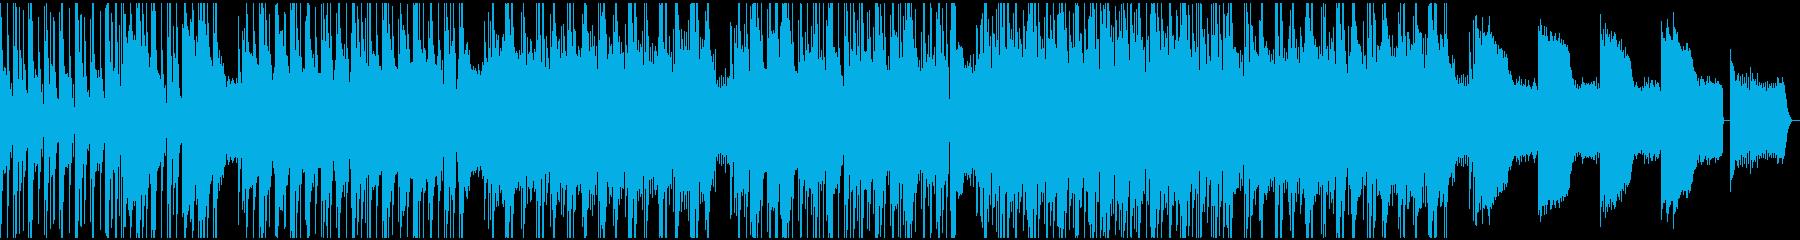 機械的なテクノ フュージョン の再生済みの波形